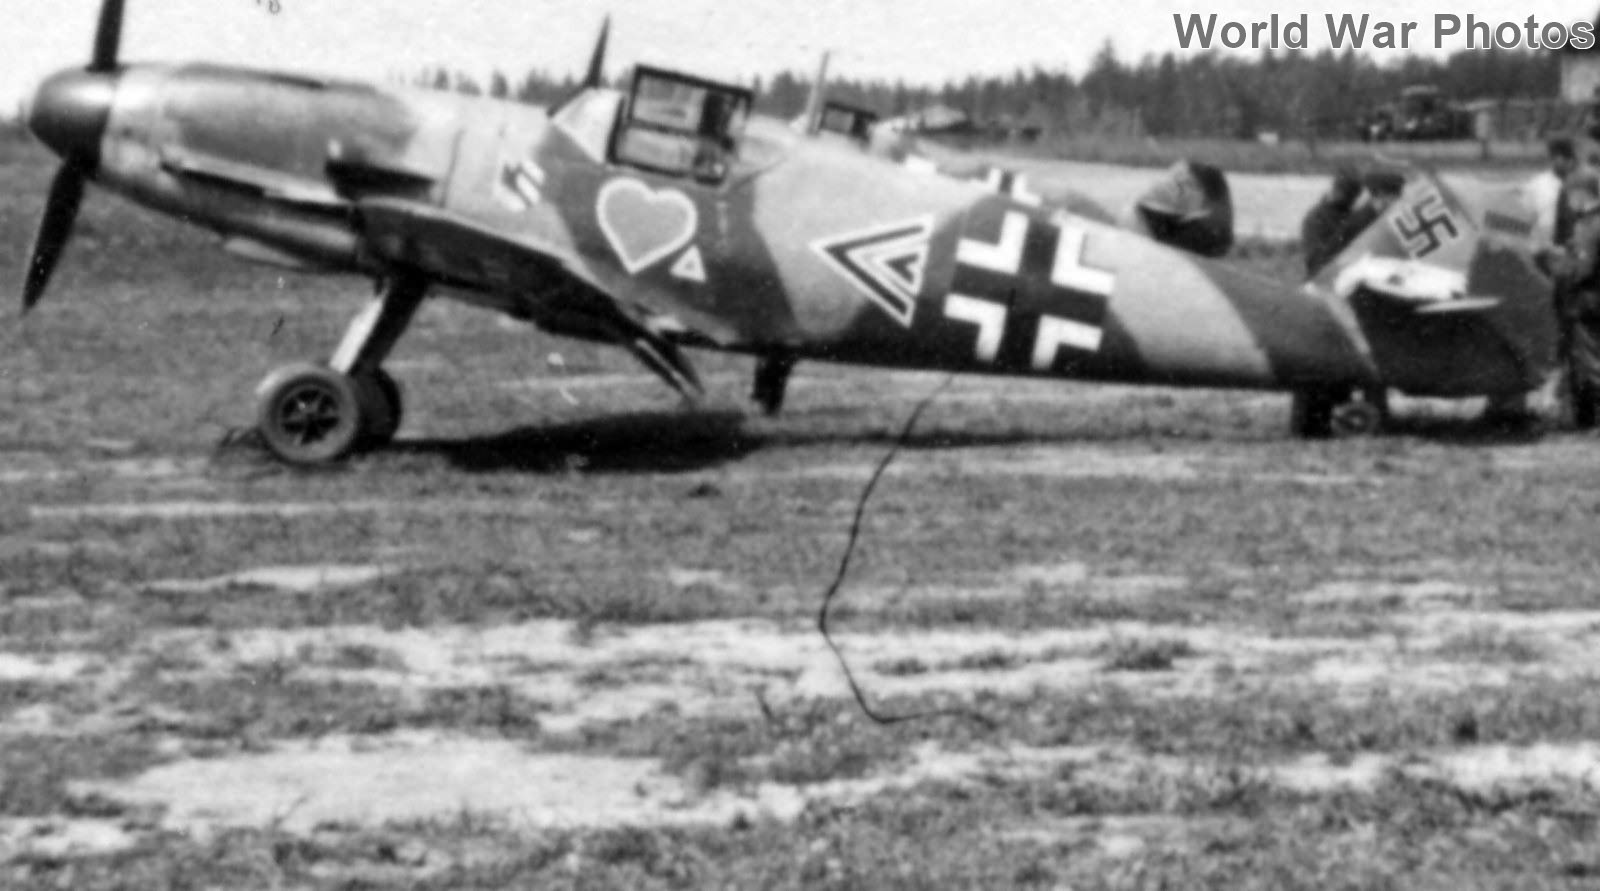 Bf109F of Gruppenkommandeur Hans Philipp of the I/JG 54